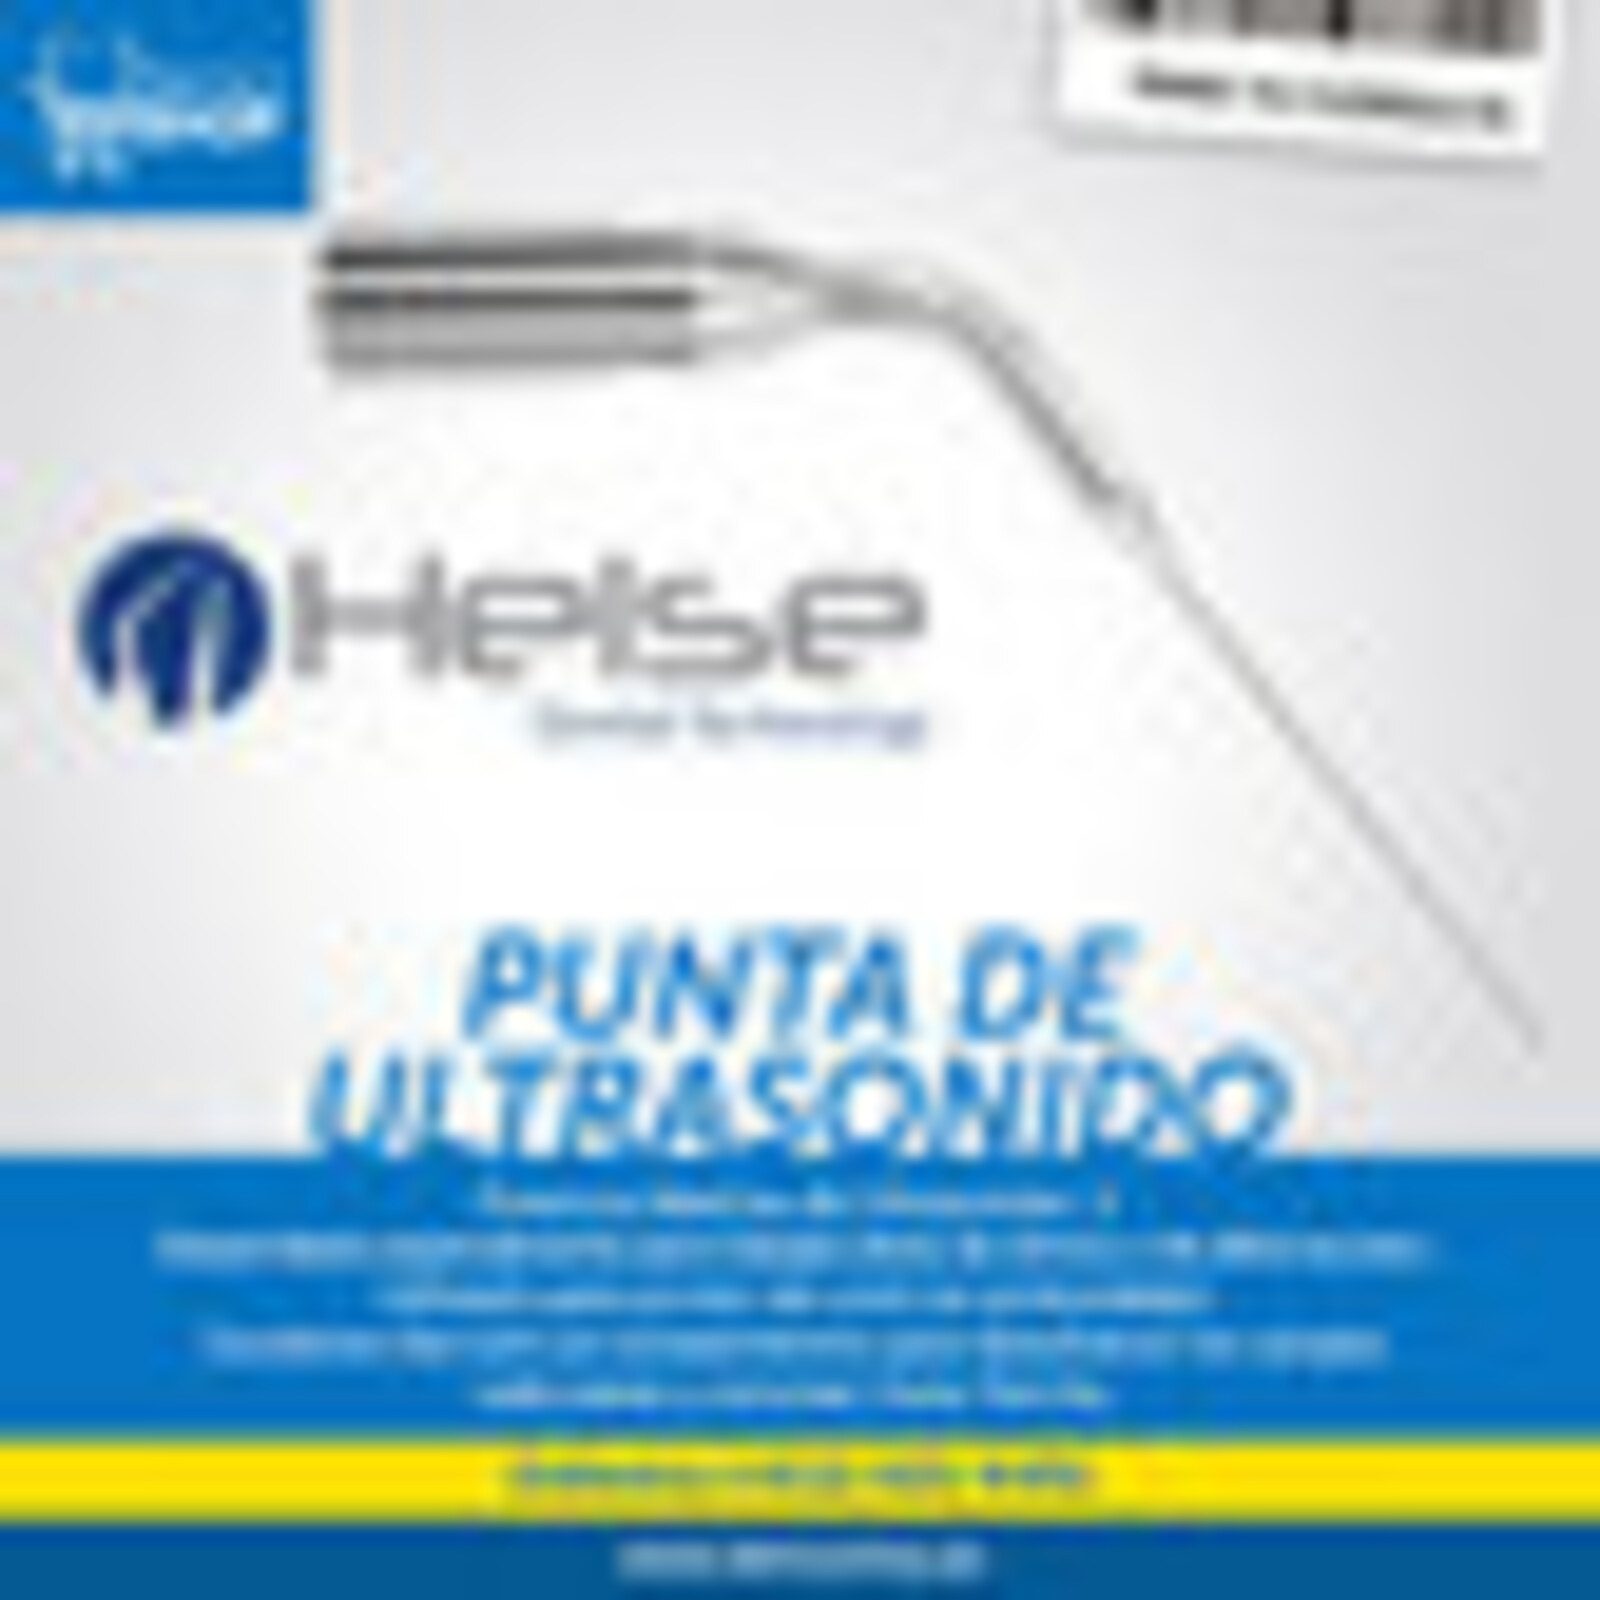 ¡nuevo! Catálogo de productos HELSE en Dentoshop